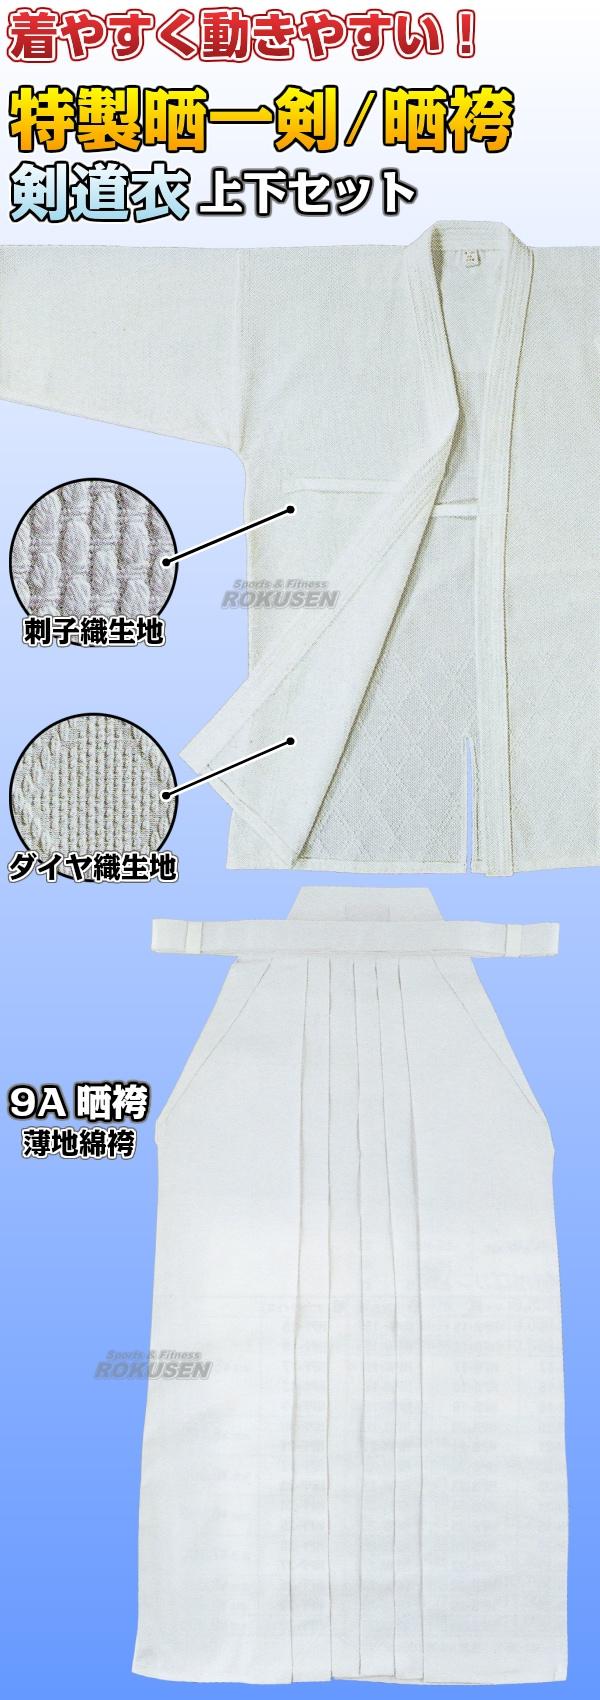 【高柳 剣道】剣道着上衣・袴セット 特製晒一剣衣・9A晒袴 Z-704・H9W